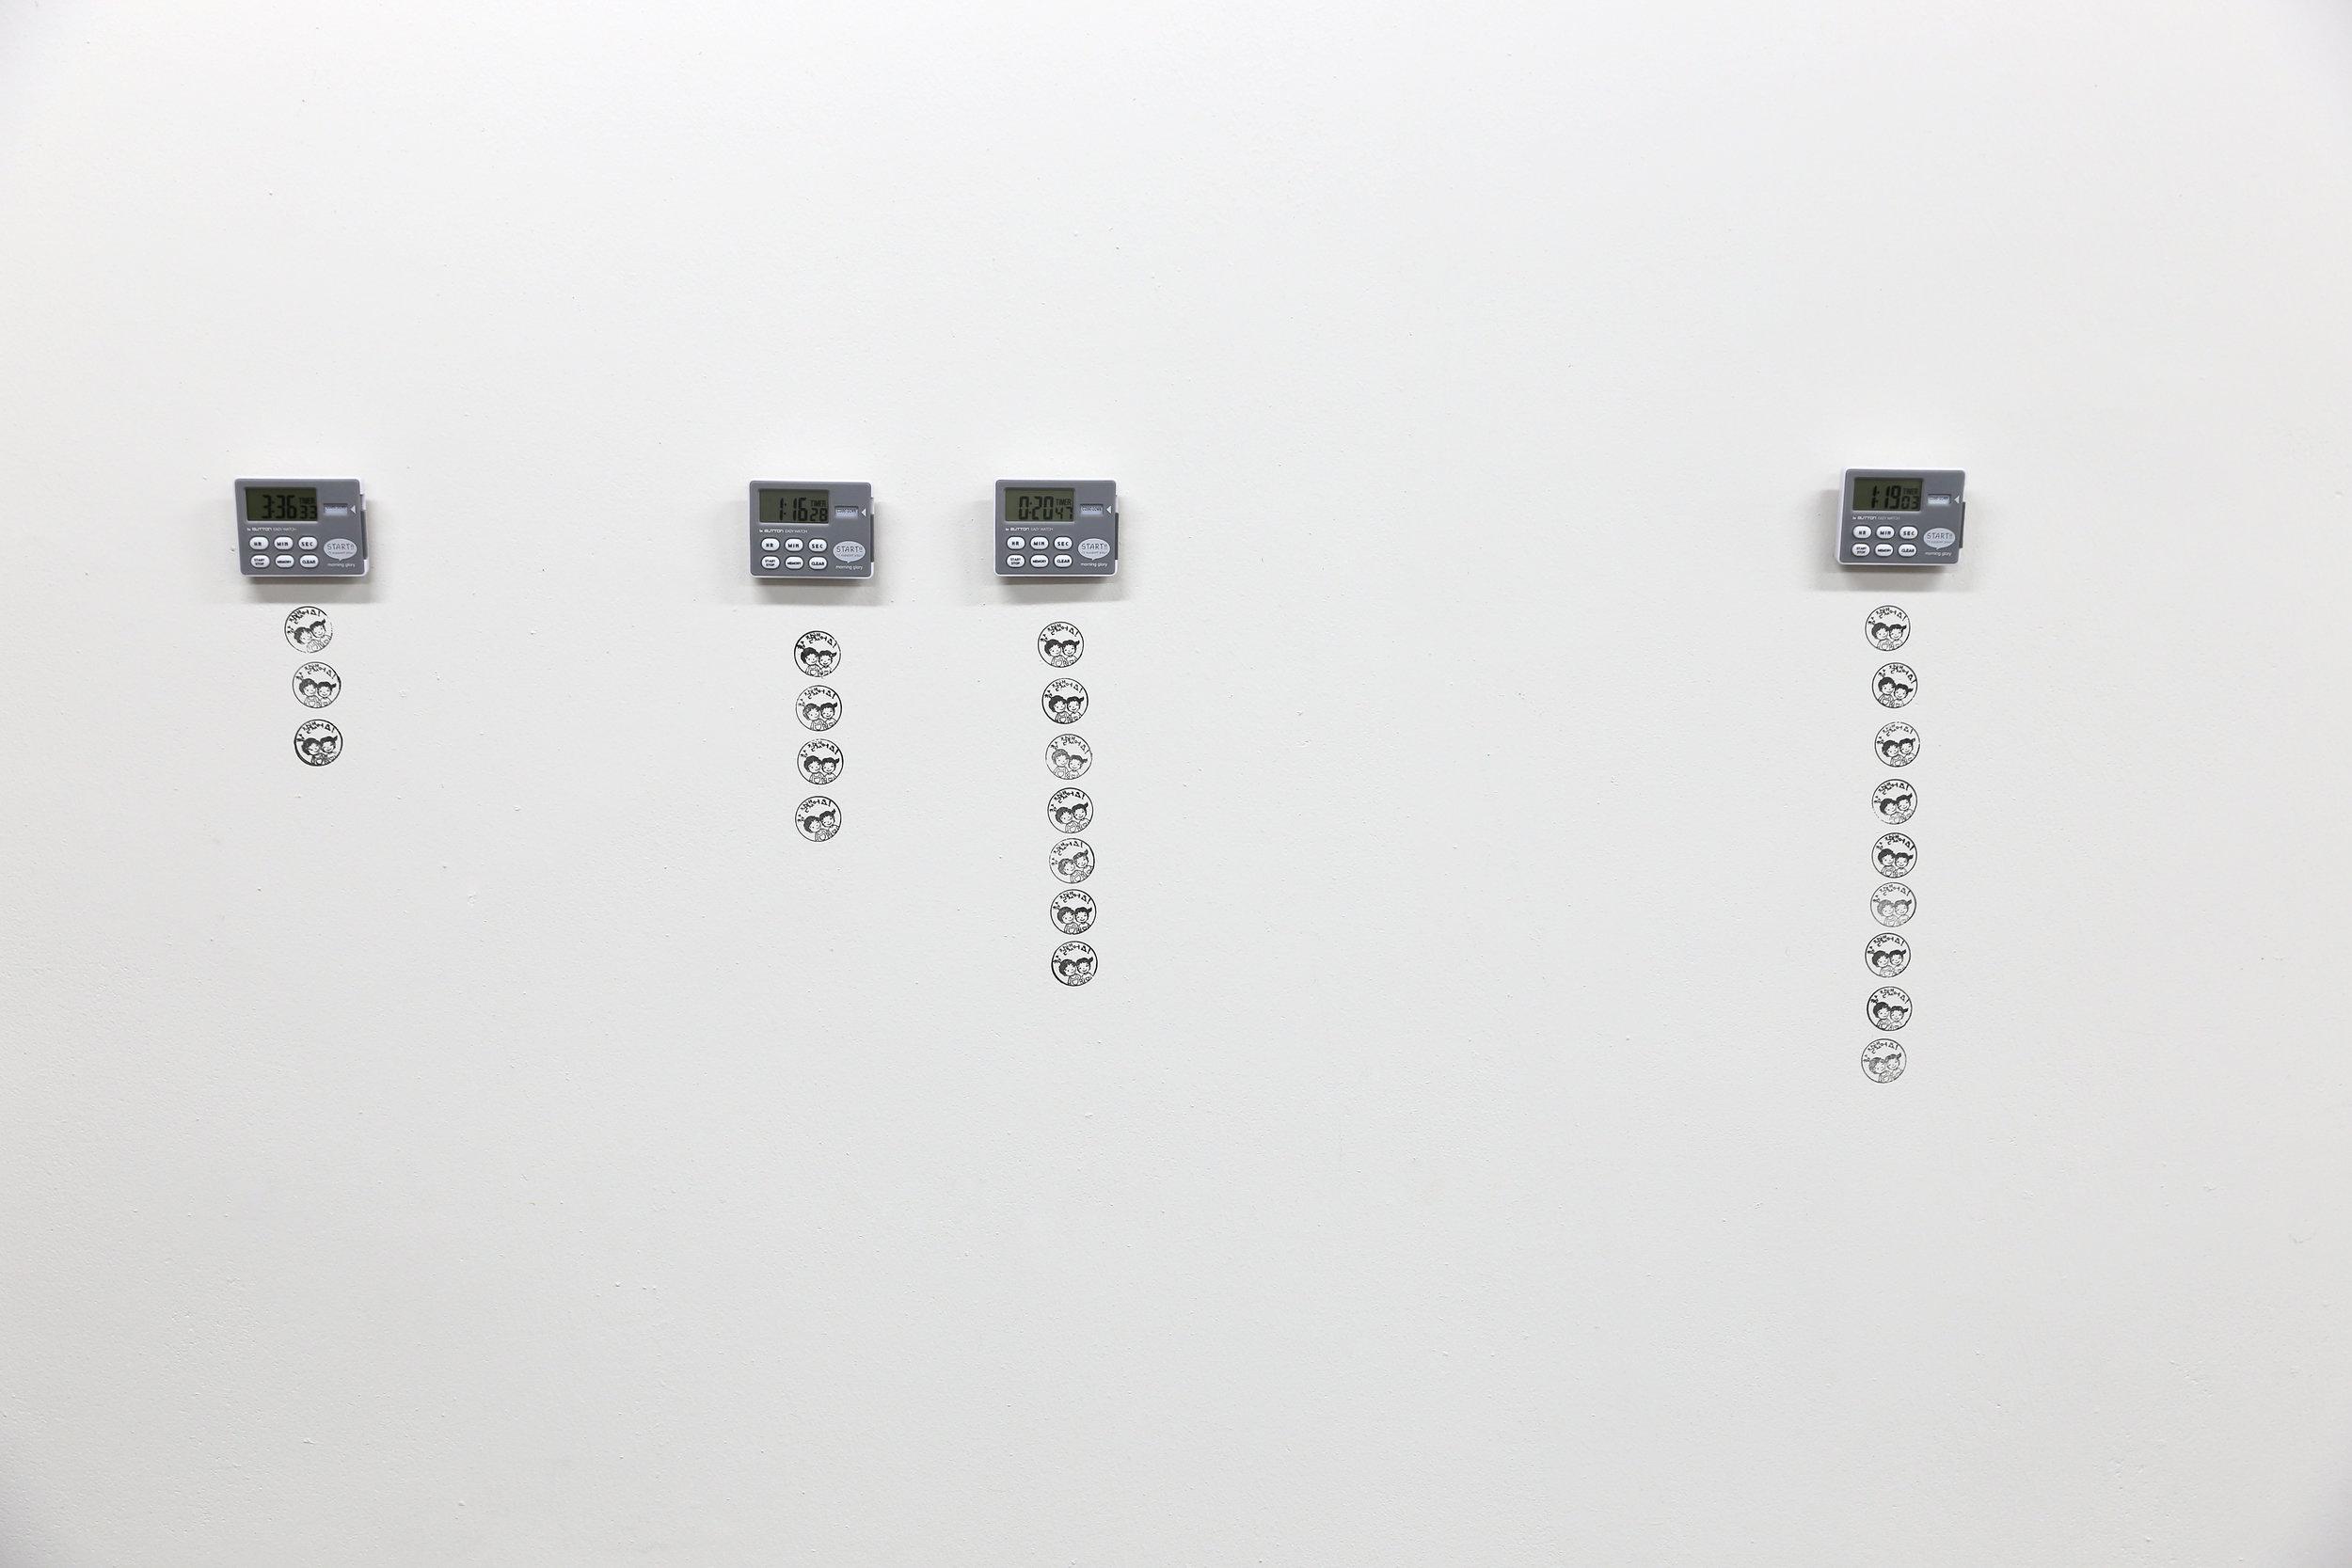 2013-2014 아빠 만나기 세부 레벨.jpg